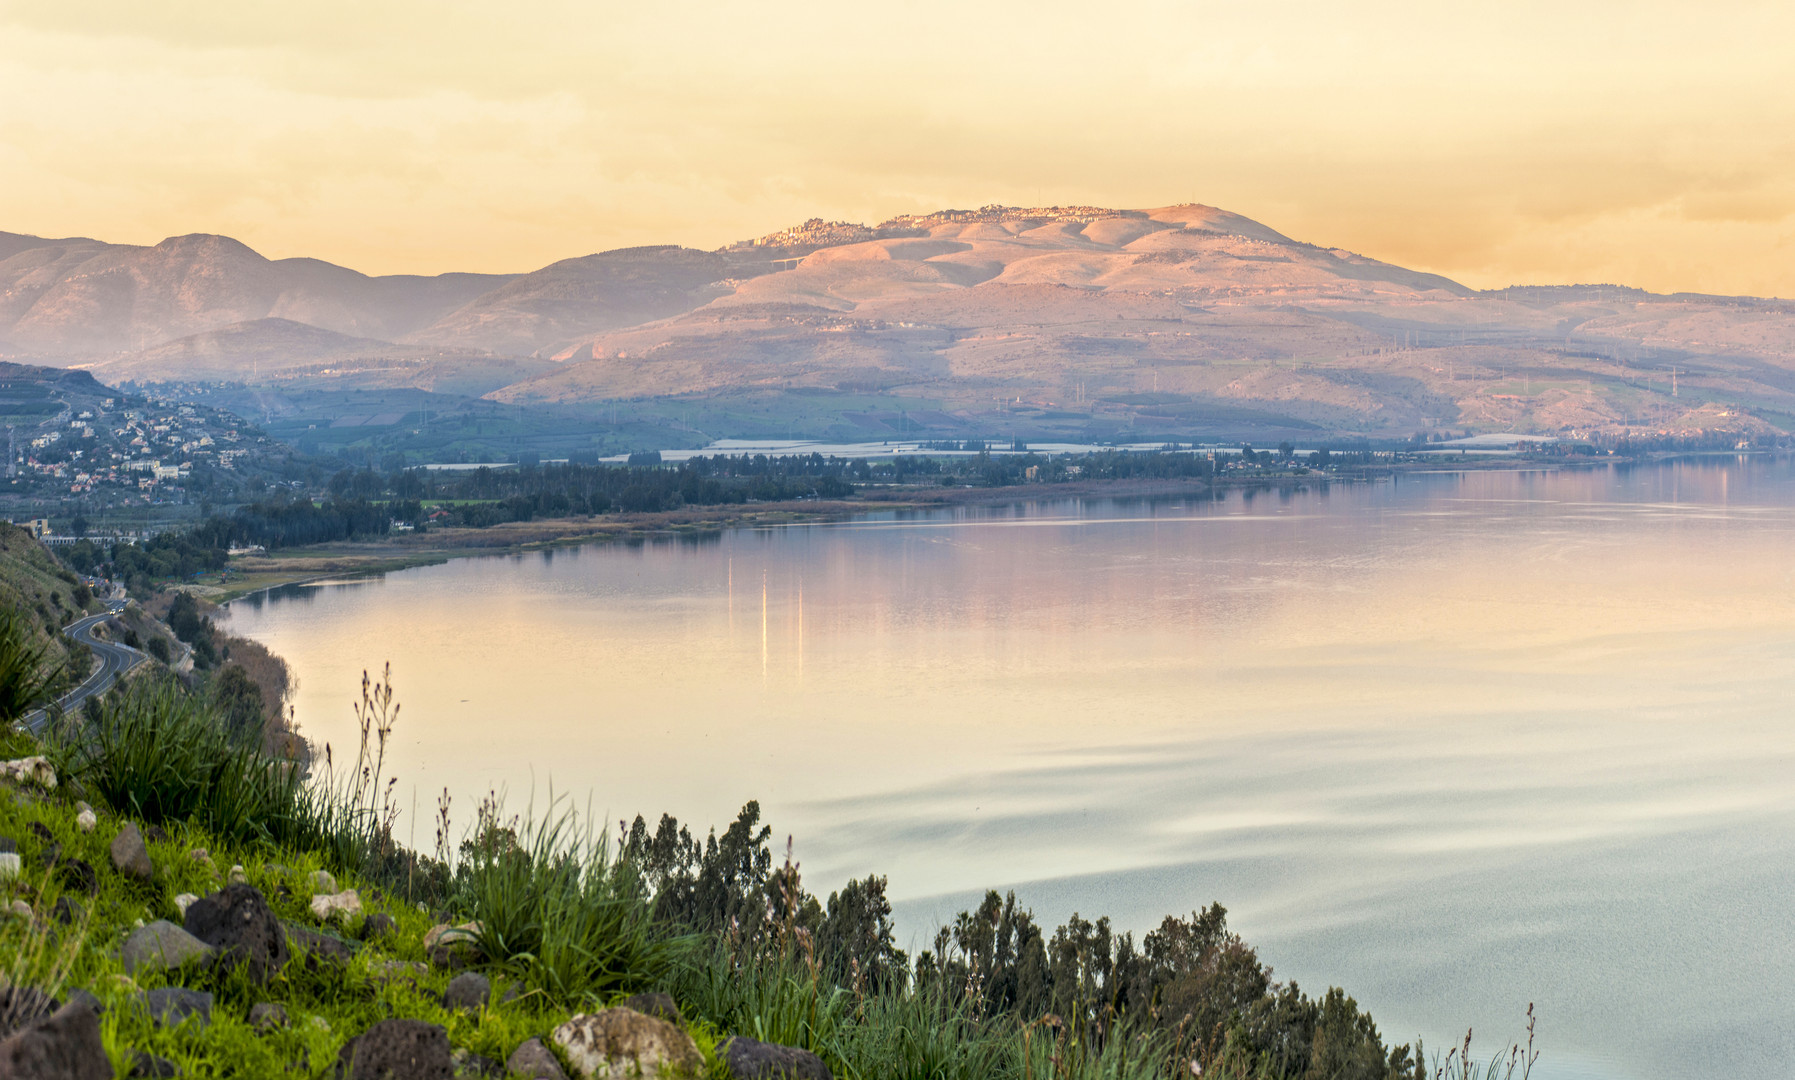 sunset on a Sea of Galilee.jpg